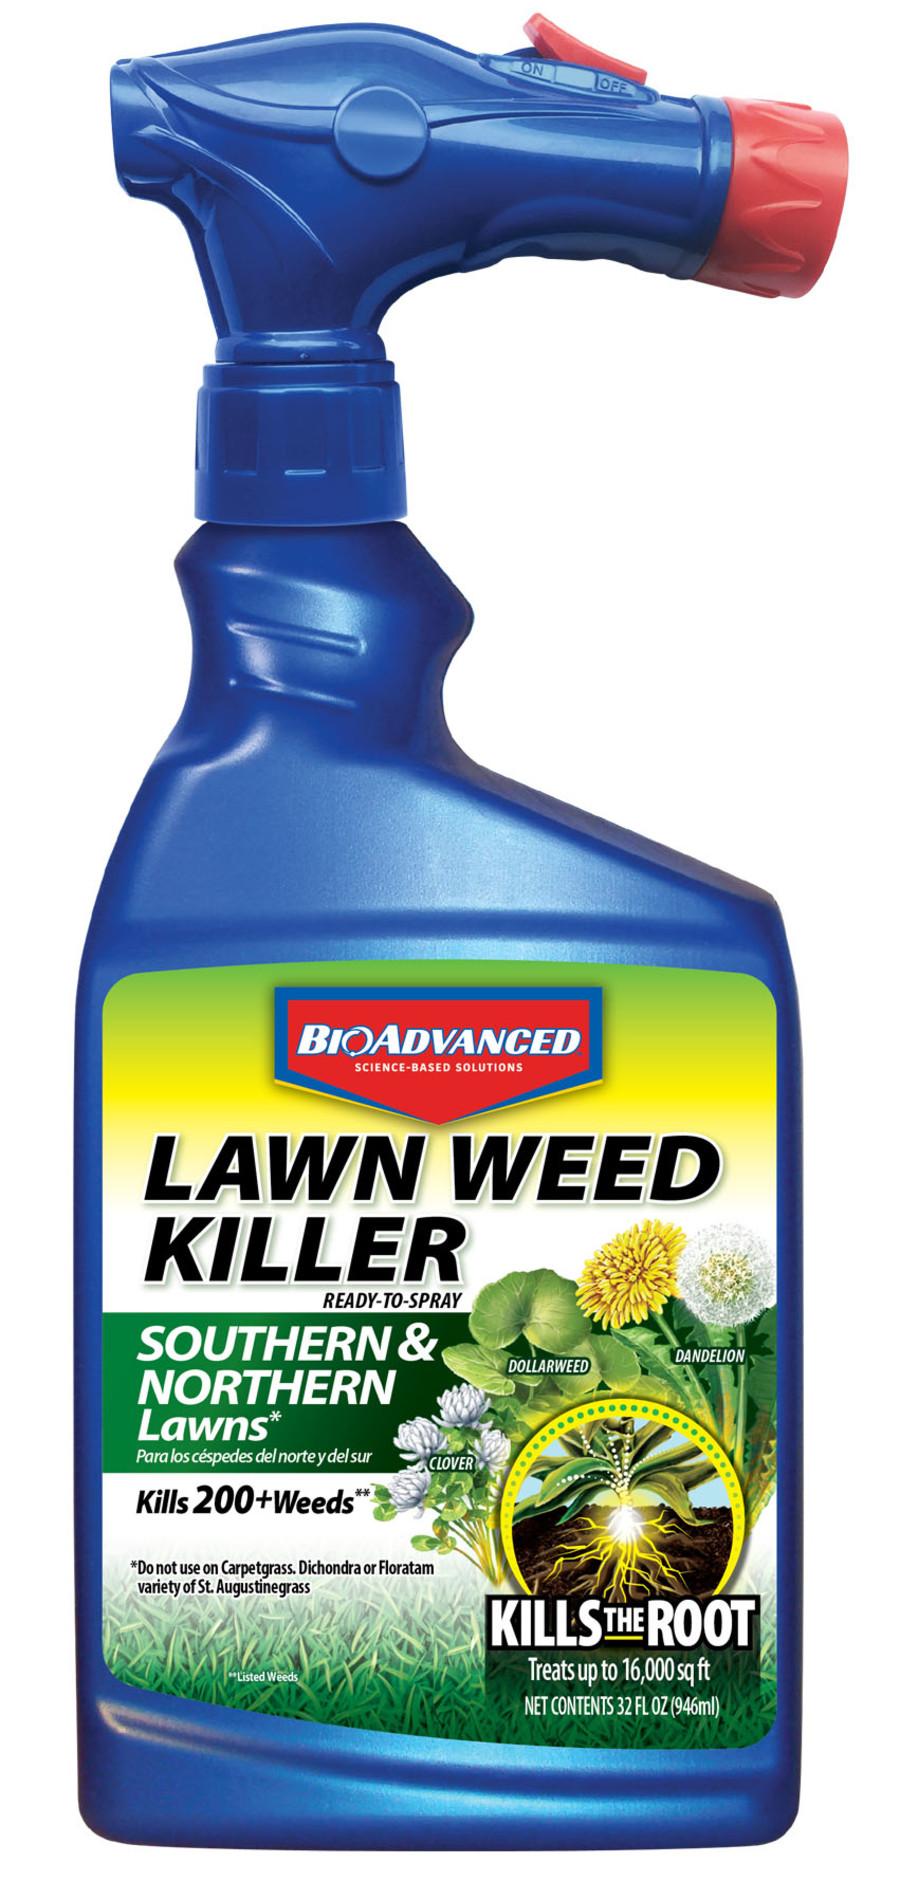 BioAdvanced Lawn Weed Killer South & North Lawn Ready to Spray 8ea/32 fl oz